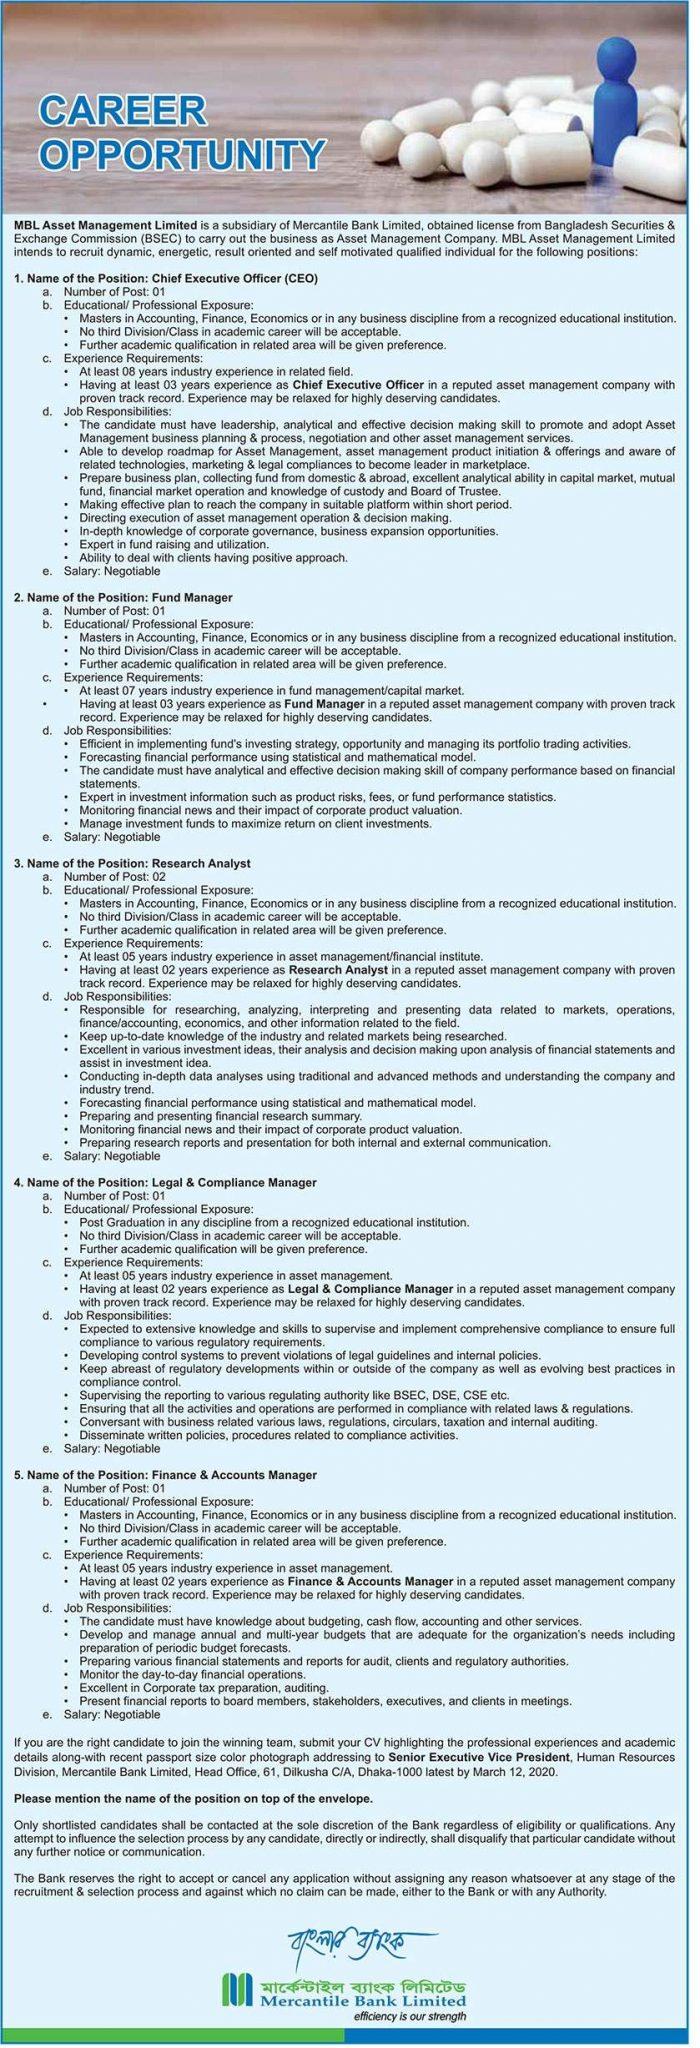 Mercantile Bank Limited Job Circular 2020